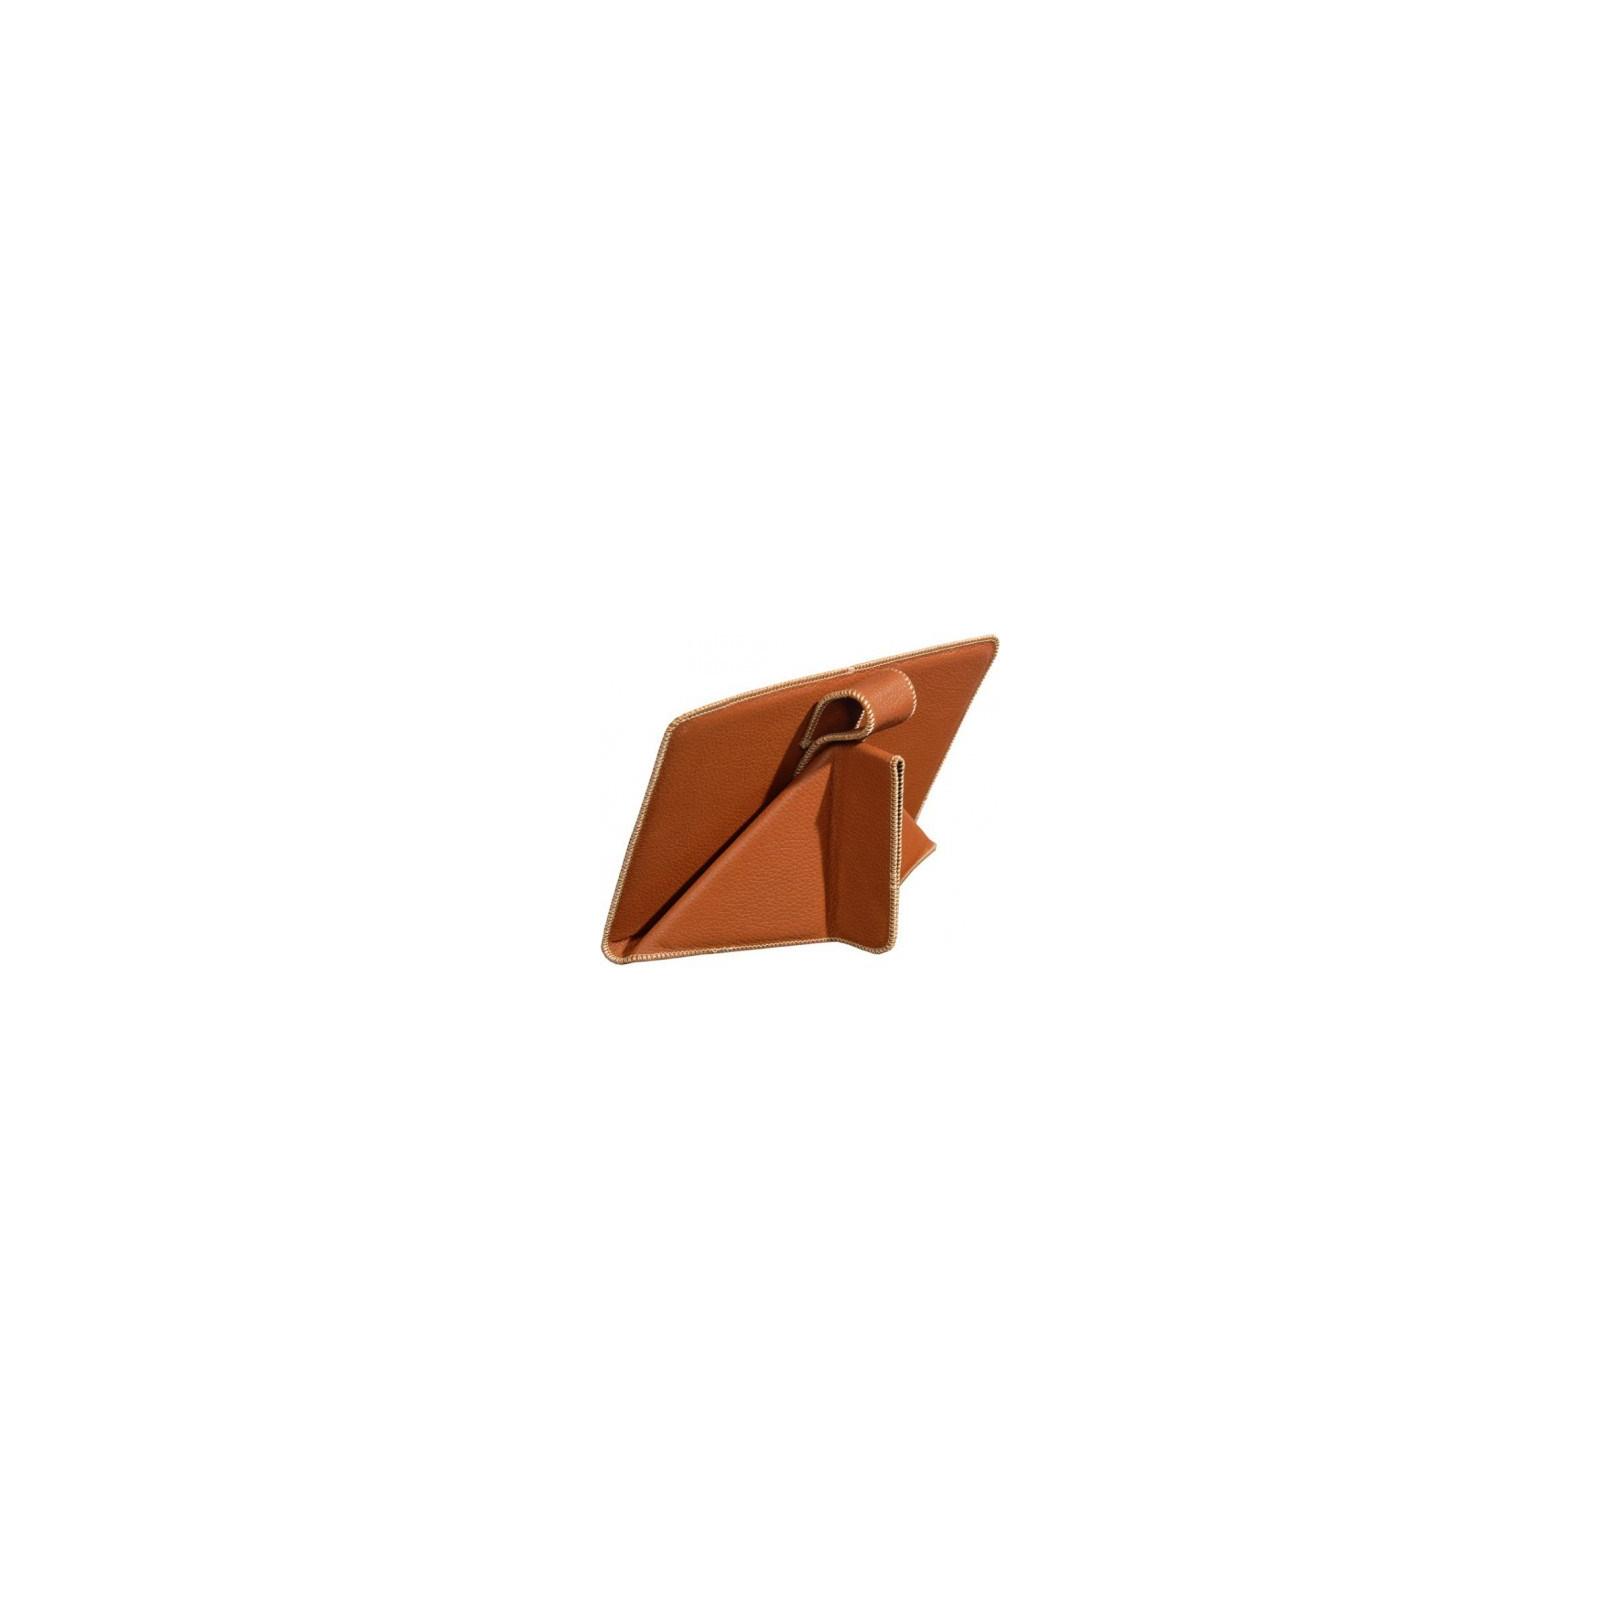 Чехол для электронной книги SB OrigamiCase Leather L Brown (SB145053) изображение 2